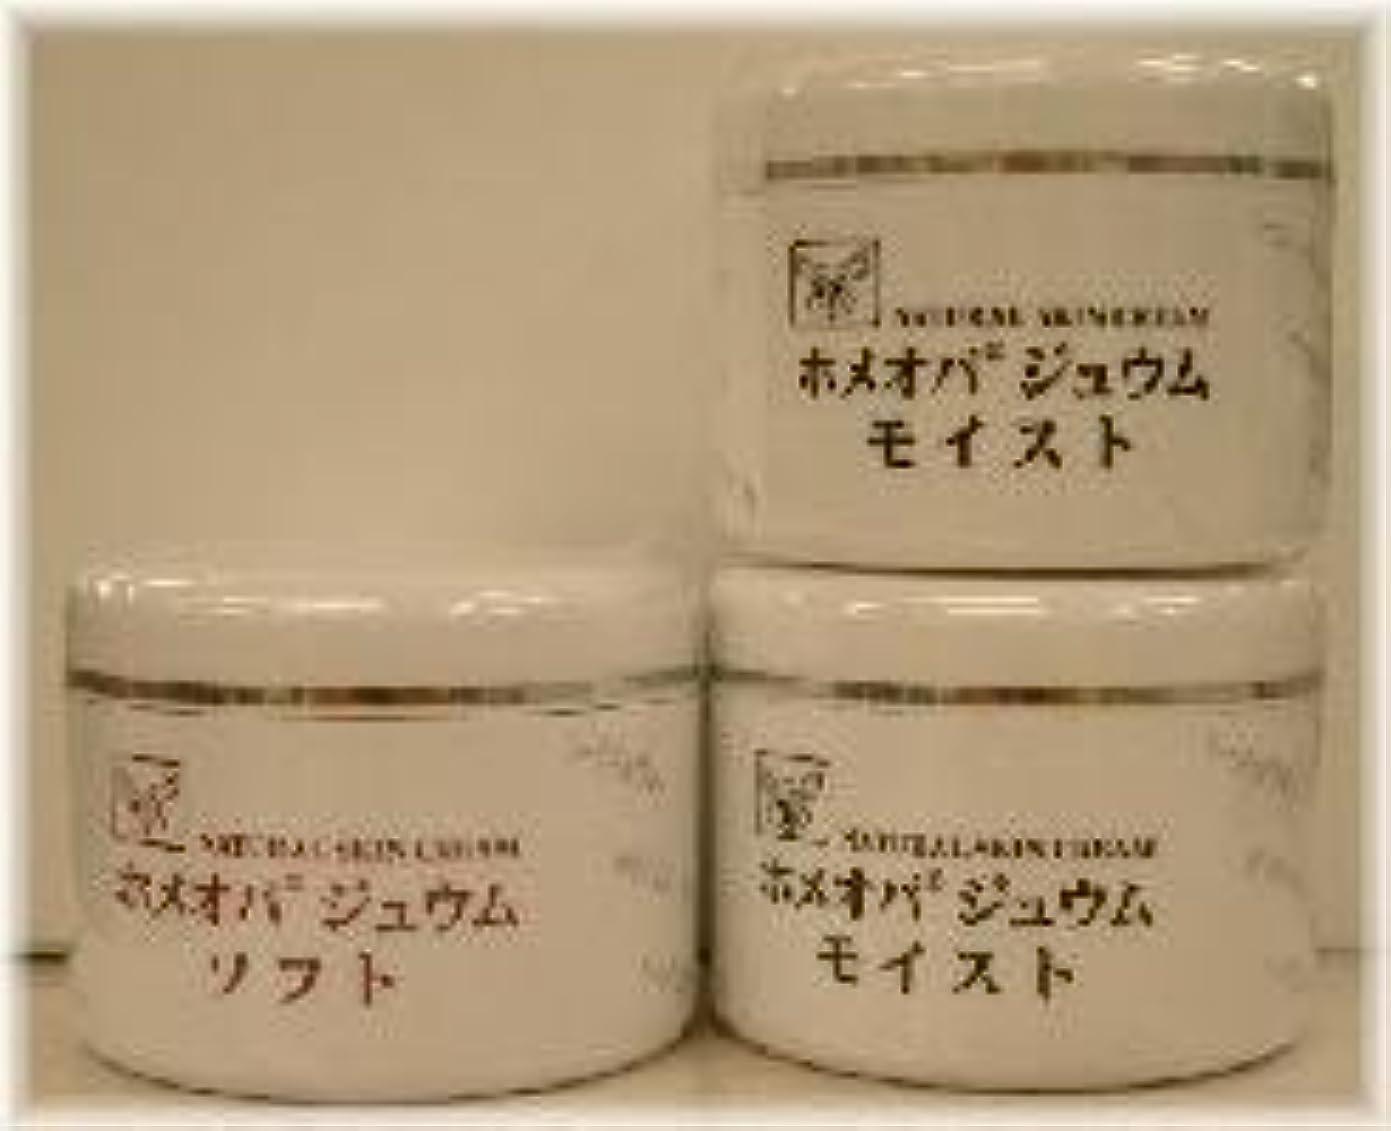 笑いタービンくびれたホメオパジュウム スキンケア商品3点 ¥10500クリームモイスト2個+クリームソフト